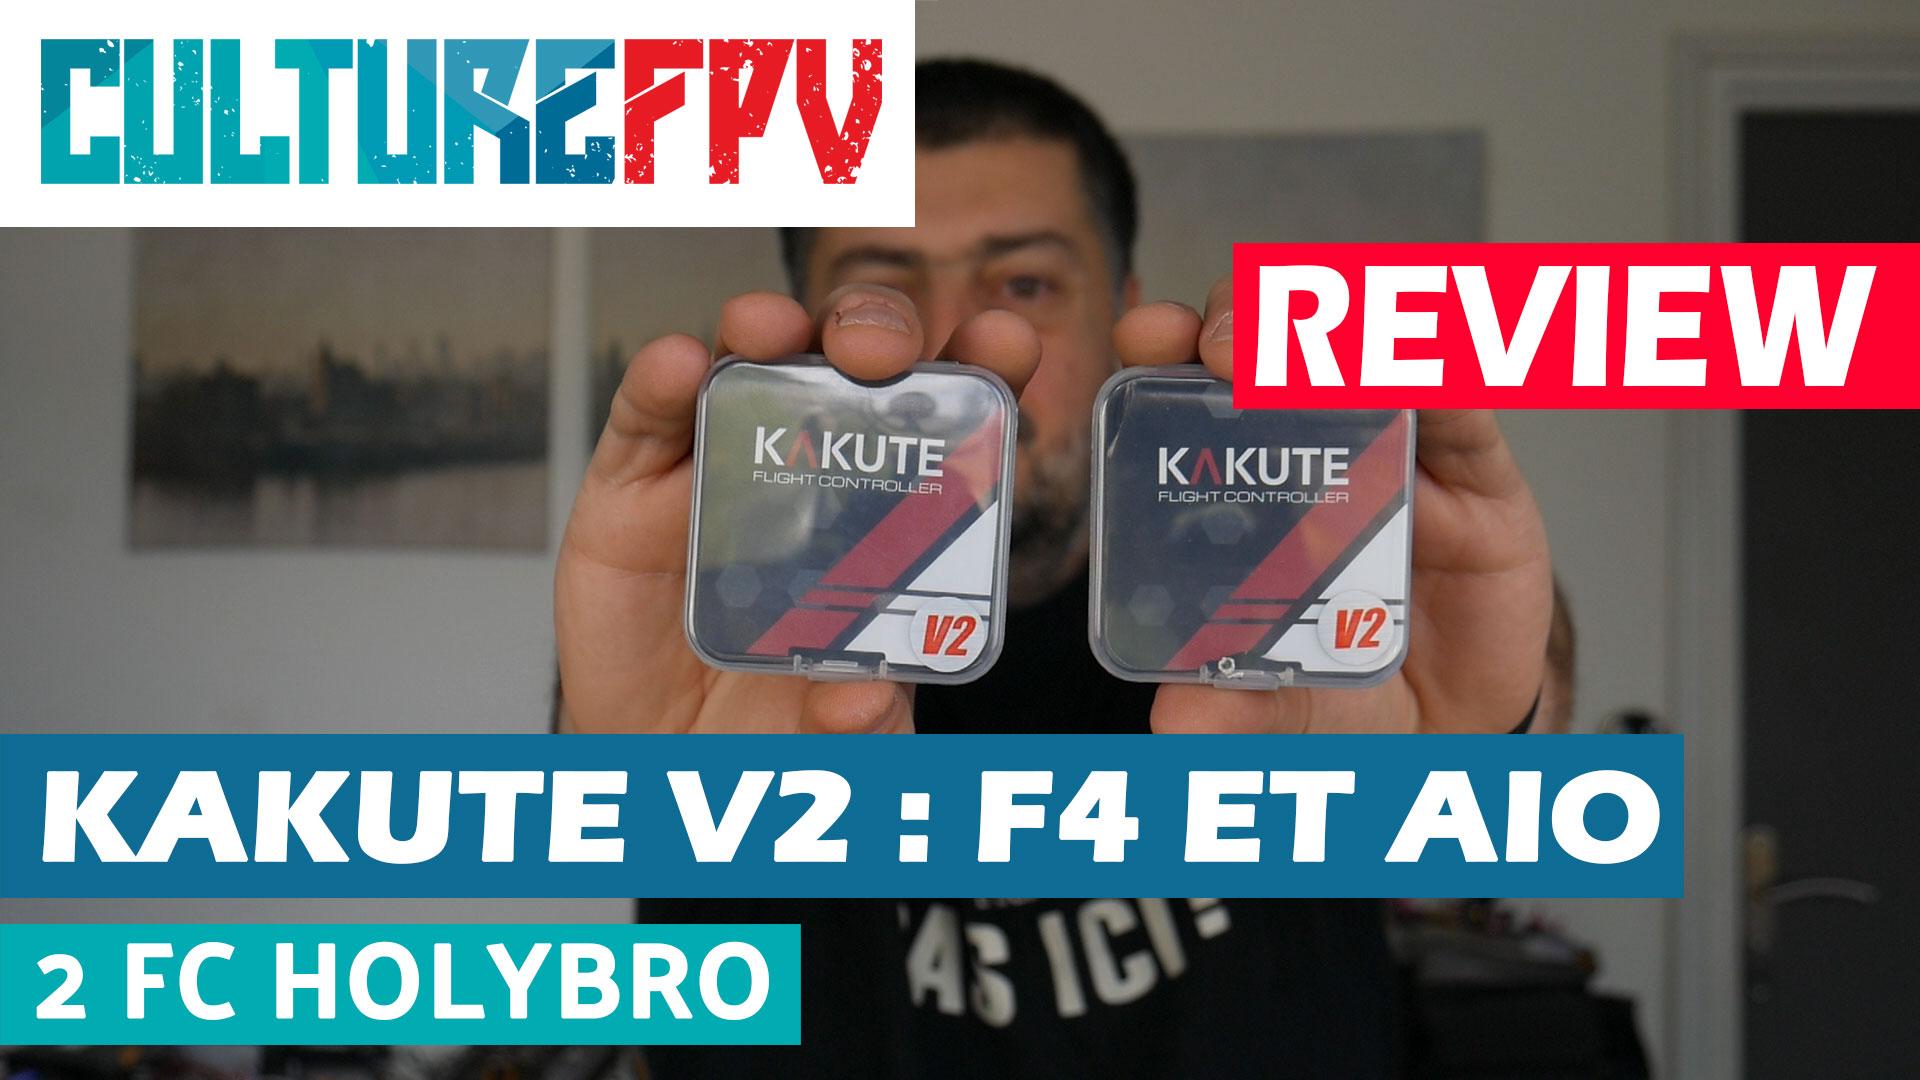 Kakute F4 v2